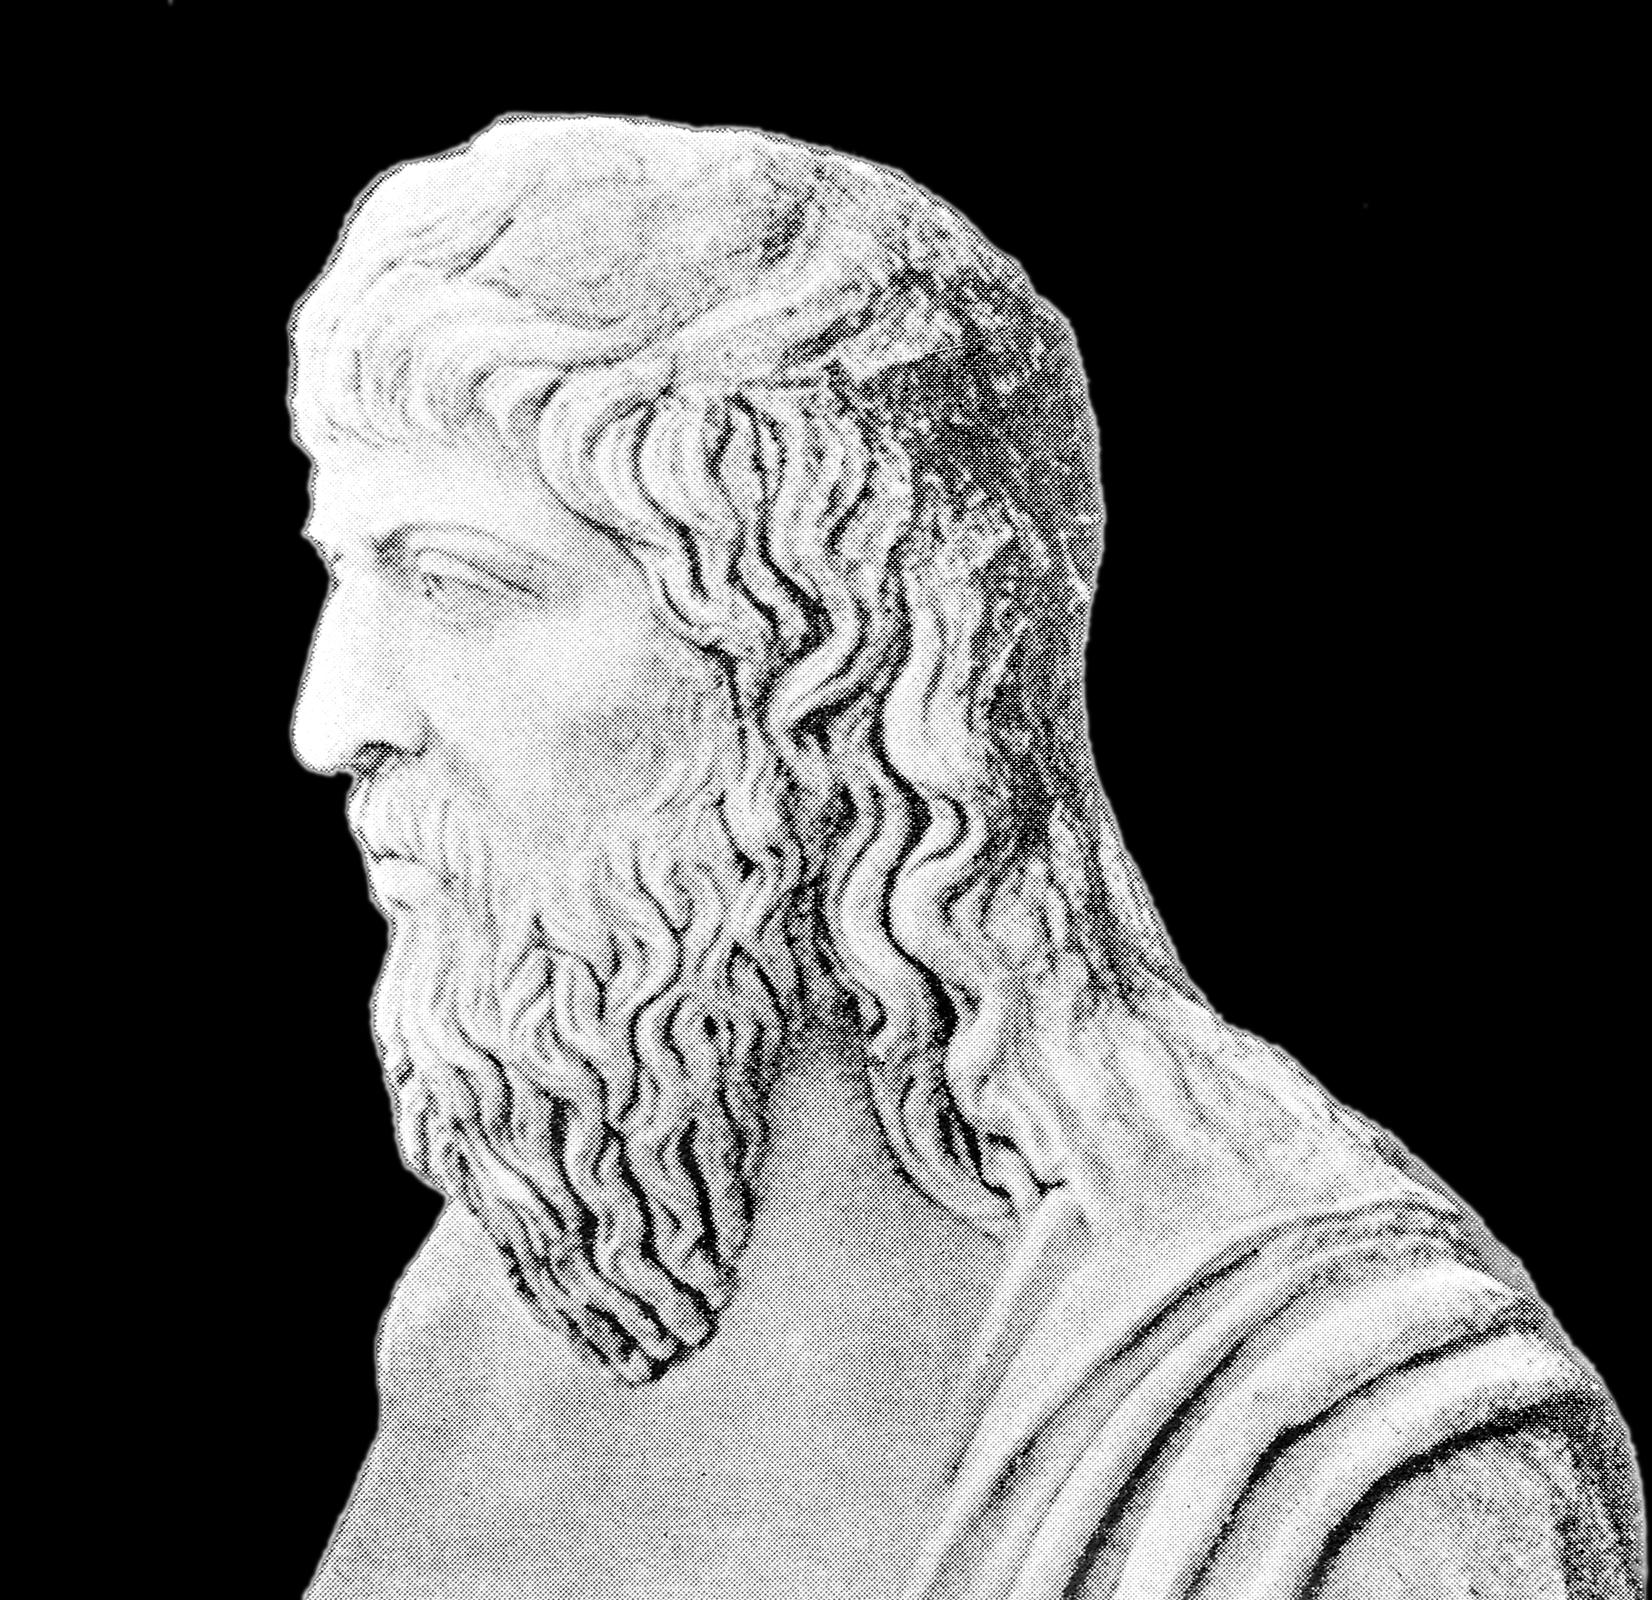 Zdjęcie przedstawia kamienne popiersie Heraklita zEfezu. Tło czarne. Widoczny lewy profil. Włosy półdługie, nachodzące na czoło. Nos długi, prosty. Wąsy idługa, falująca broda, sięgająca do obojczyków. Przez lewe ramię przerzucona szata.